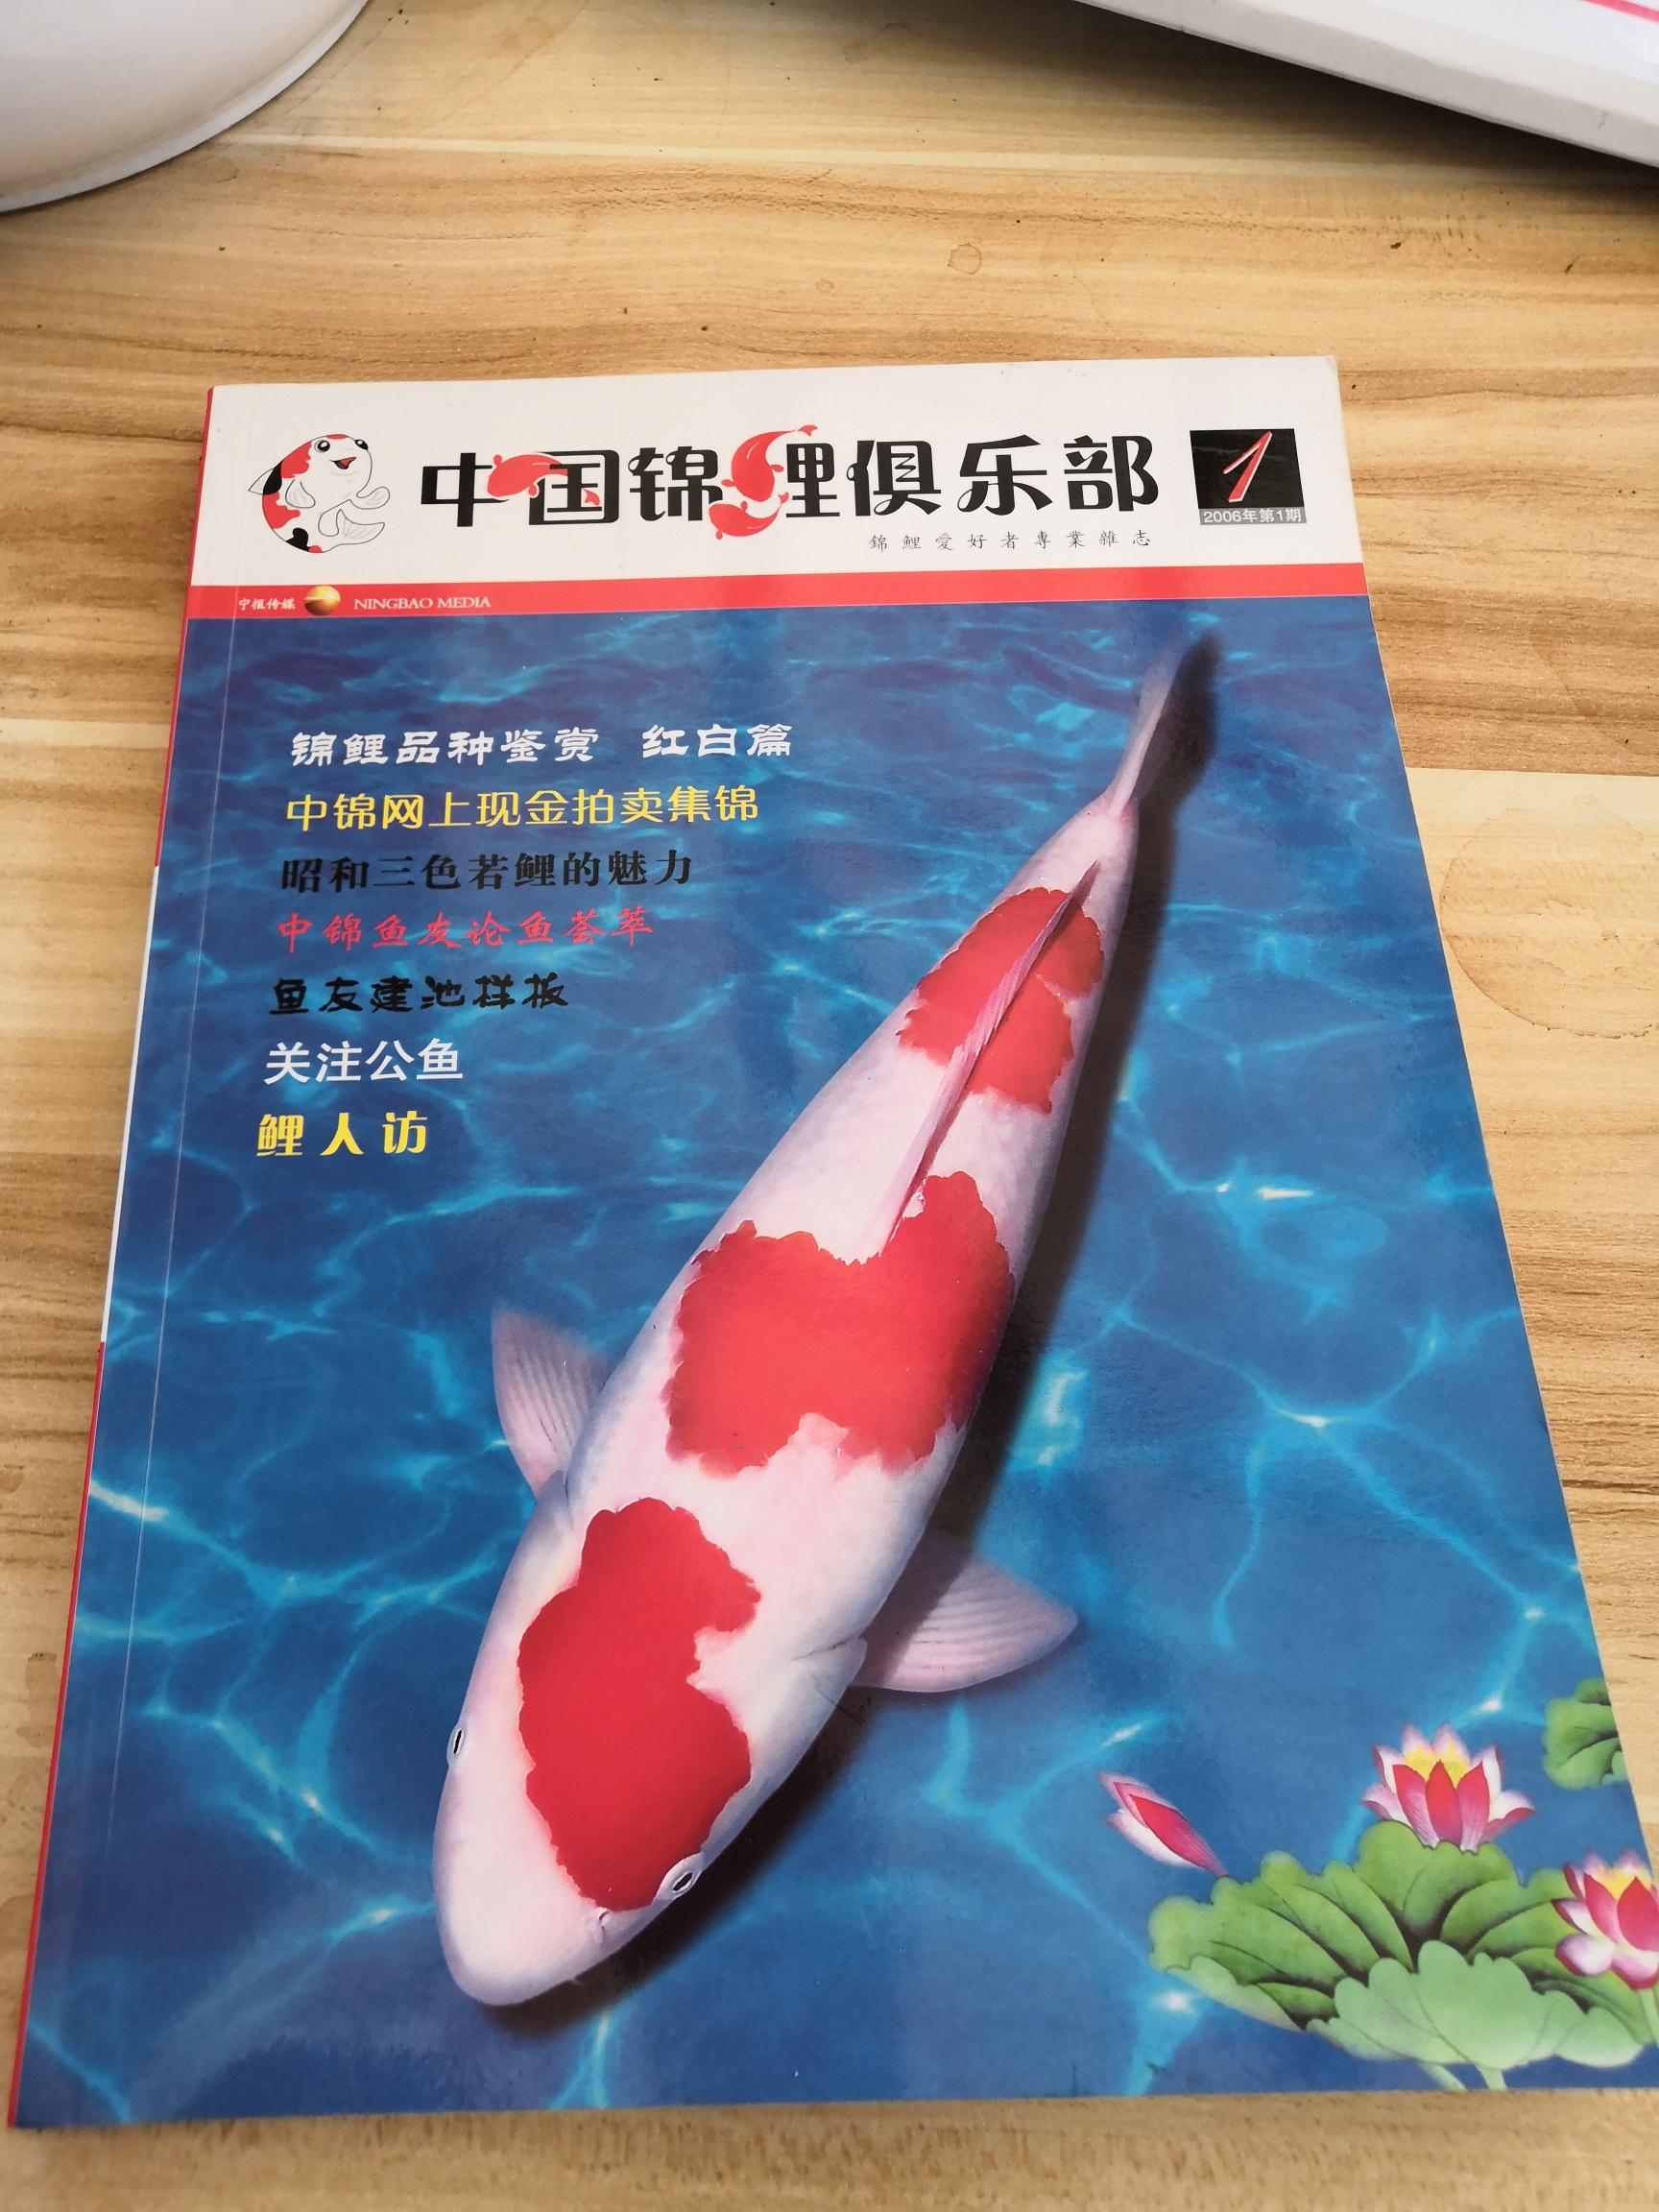 中锦创刊号第一期